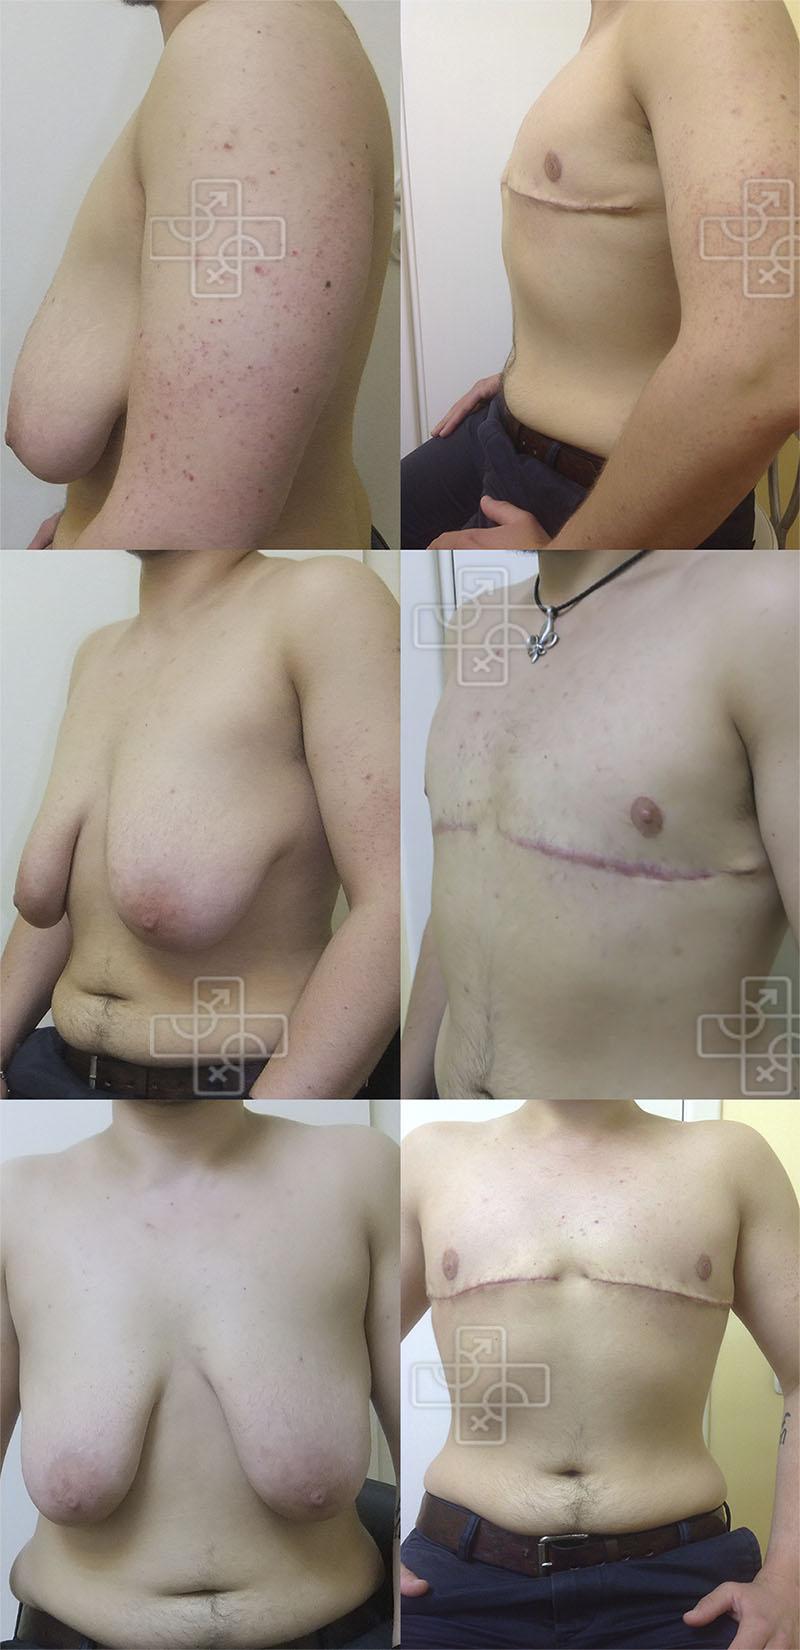 Транссексуалы фтм подготовка к фаллопластика